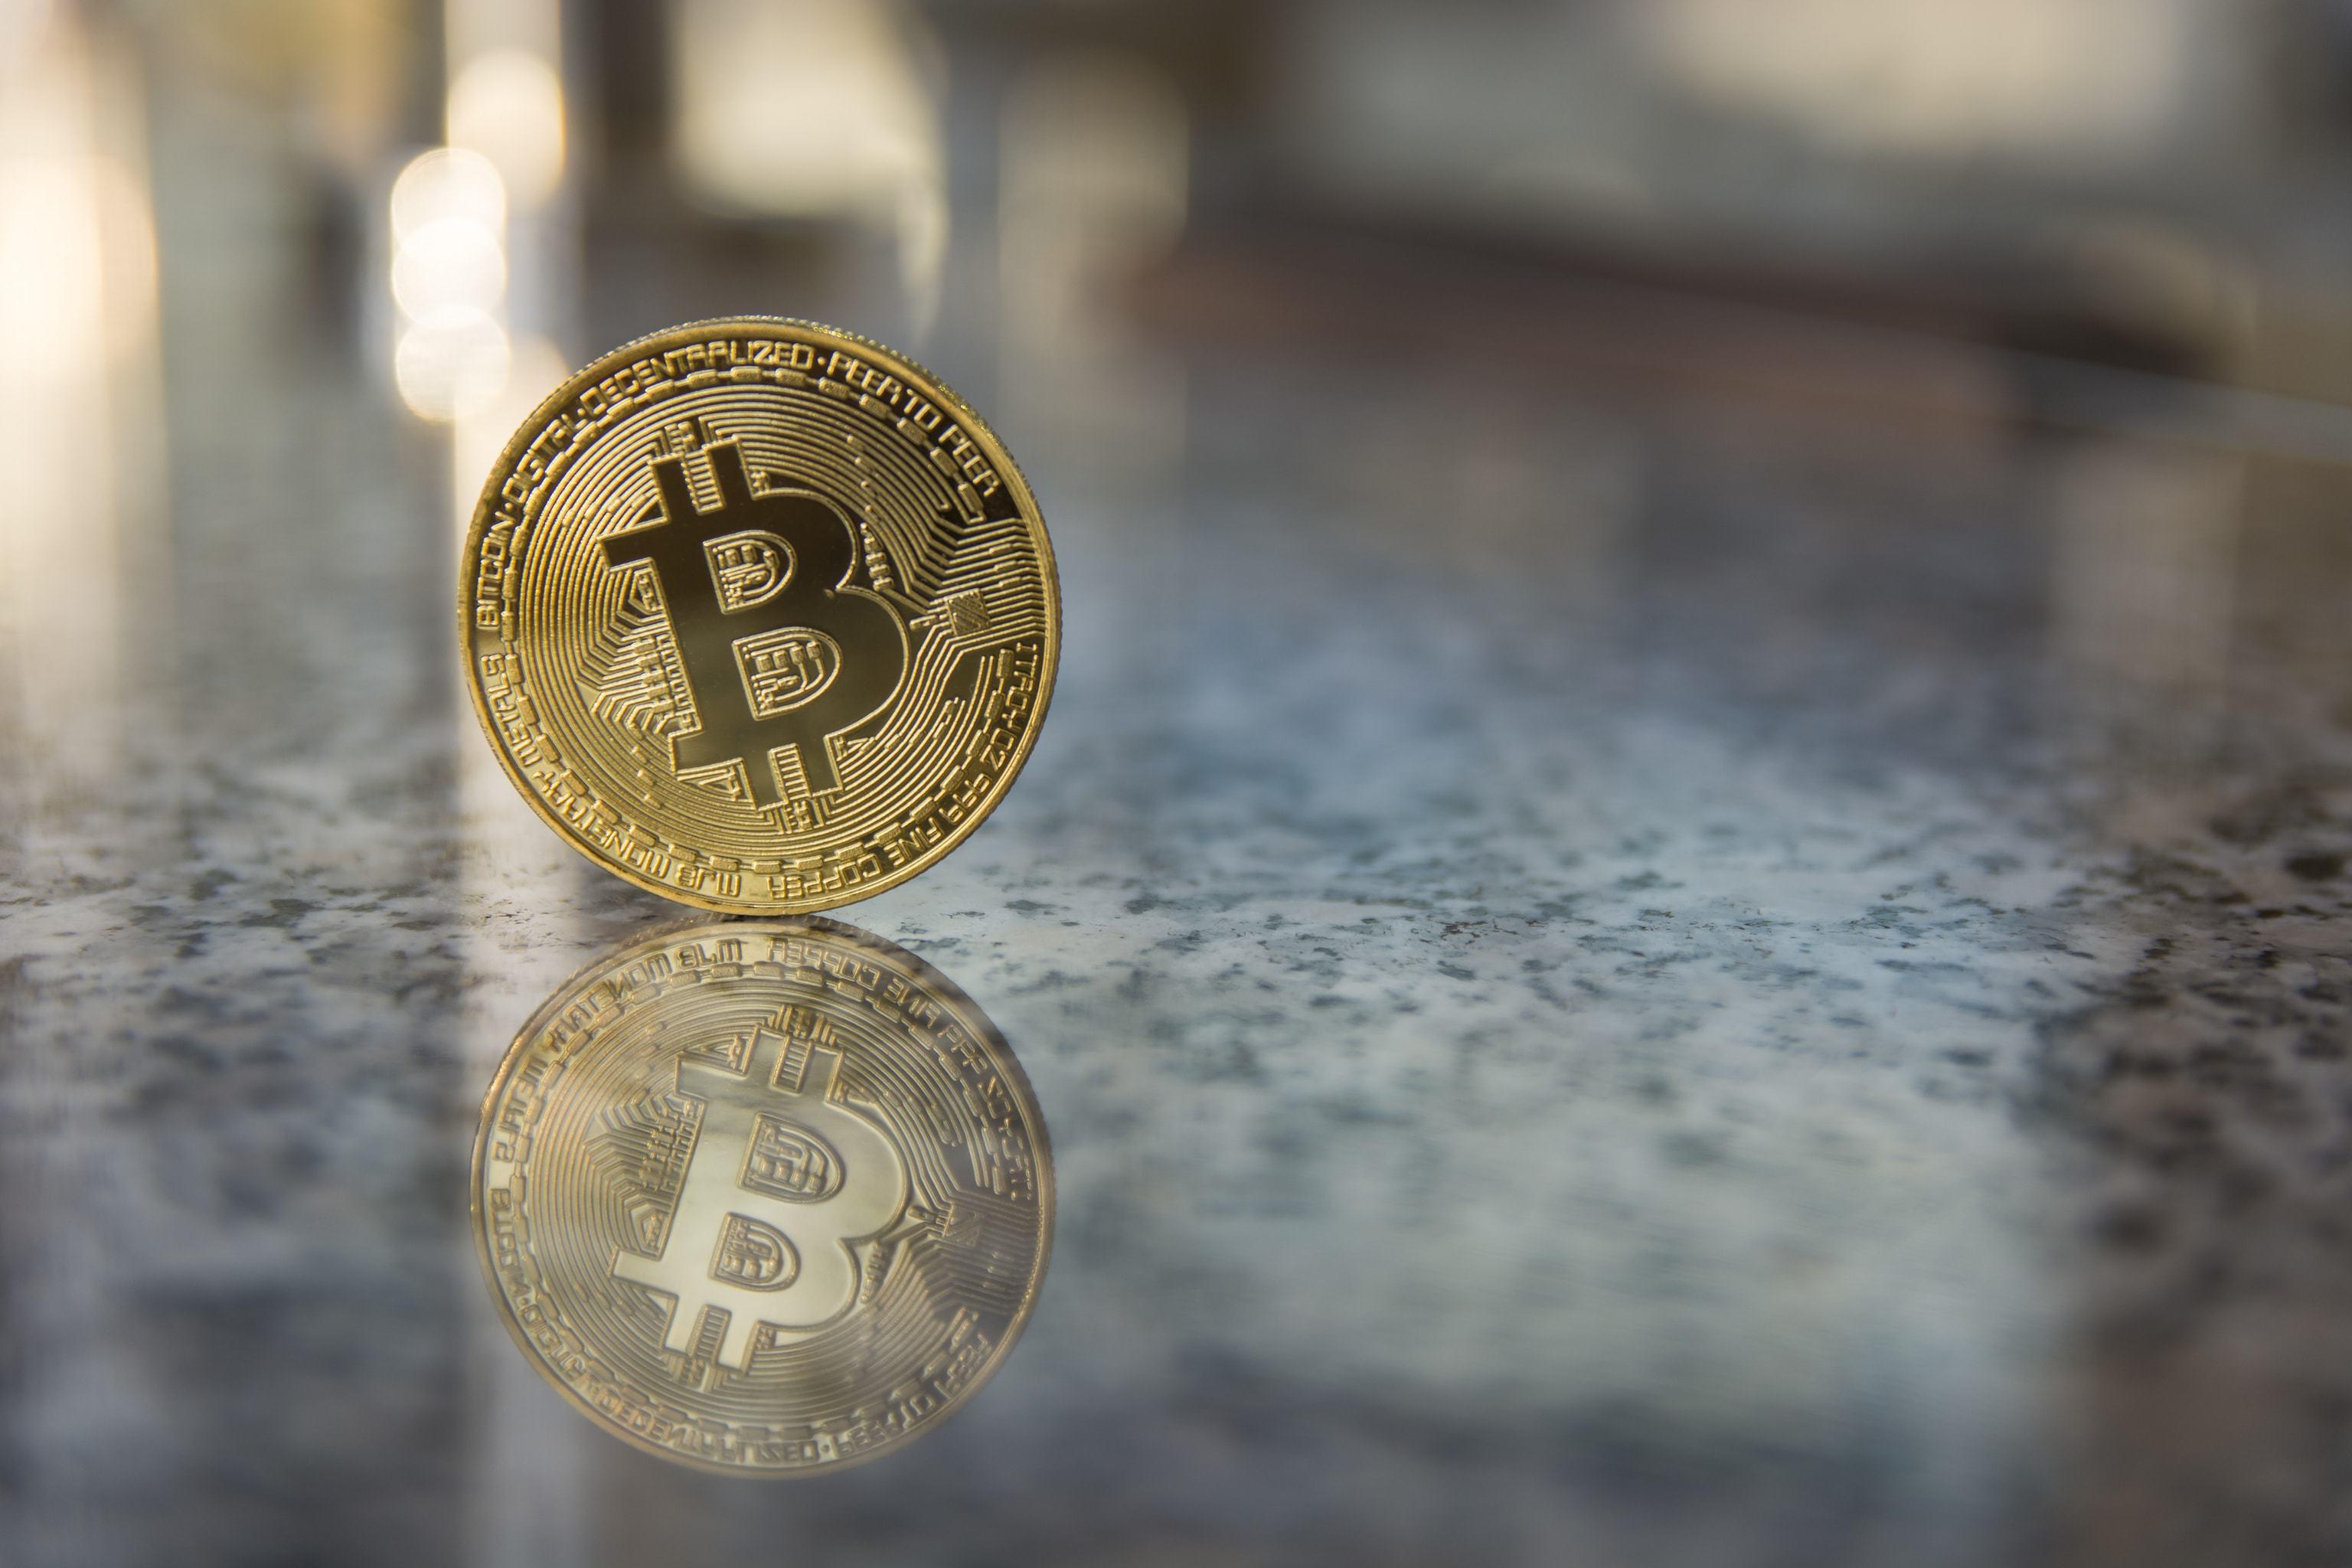 Bitcoin-Kurs (BTC) setzt das Netzwerk unter Druck – Marktupdate